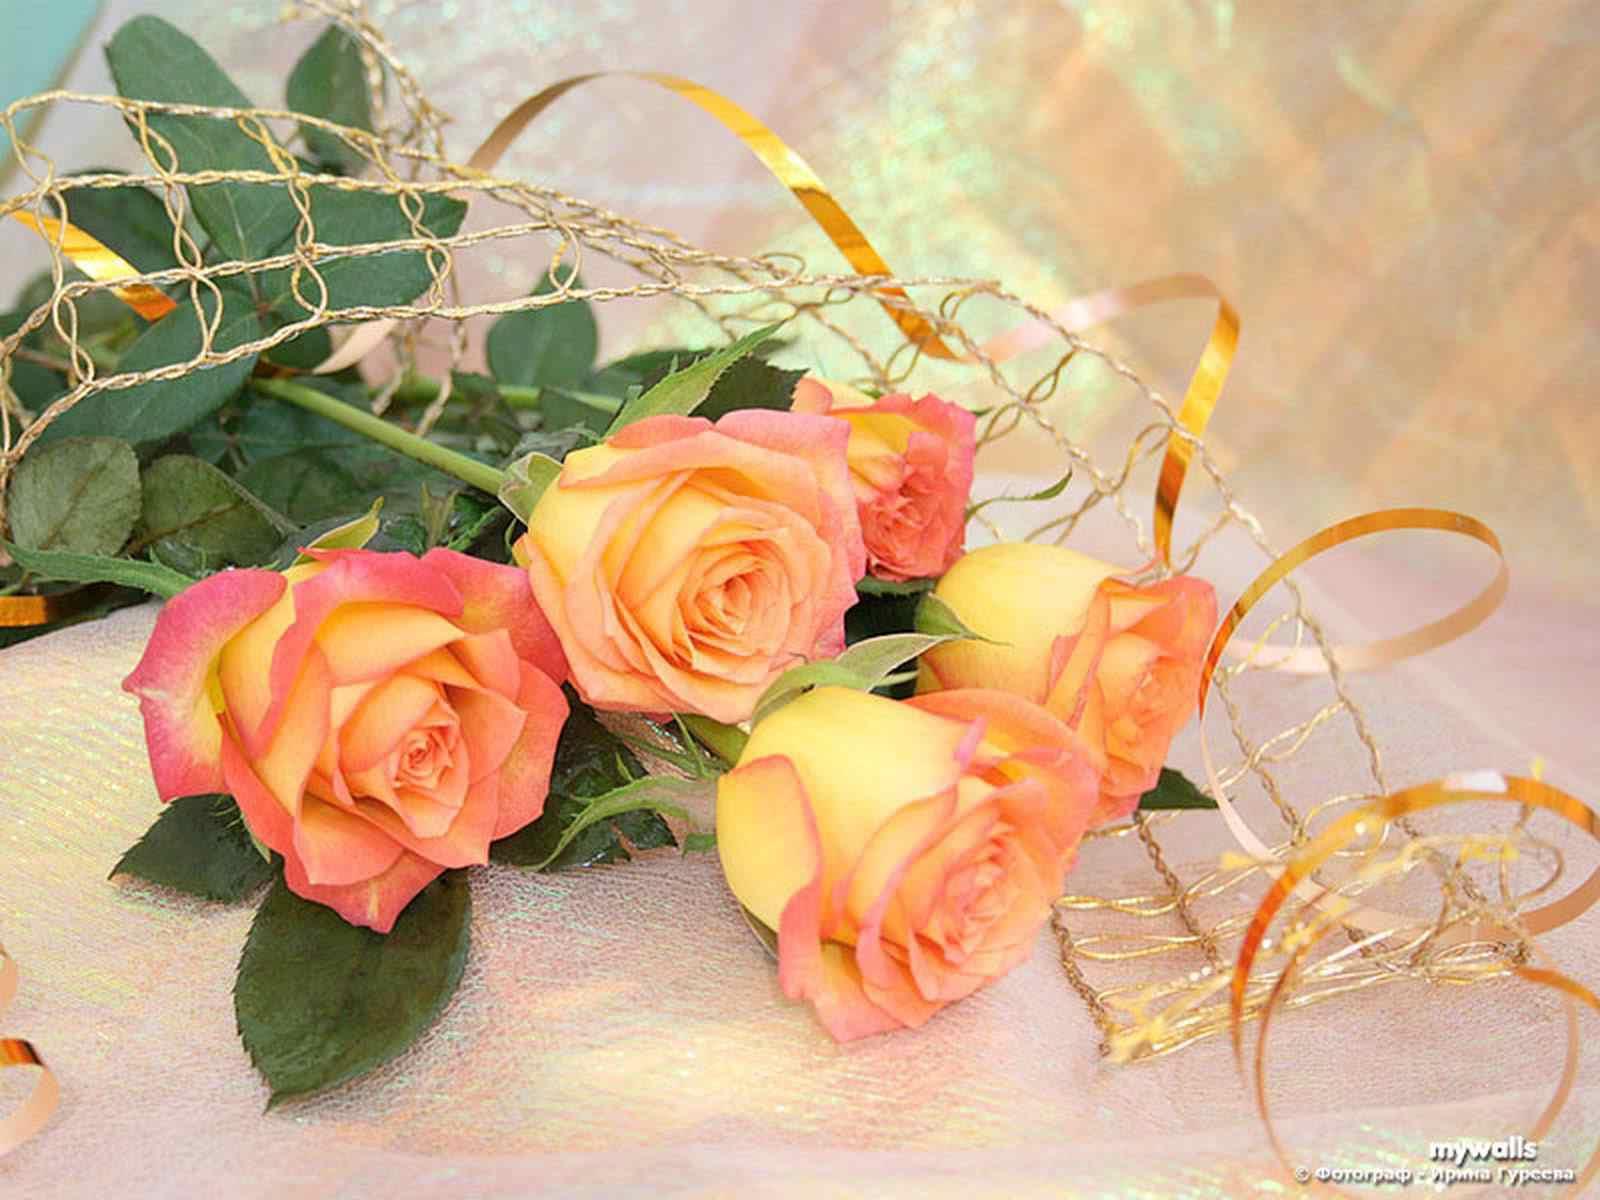 http://3.bp.blogspot.com/-0dUtk8d7tm4/UEWUwVEPycI/AAAAAAAABpQ/SH5AQB7S3y8/s1600/2dcgagw.jpg